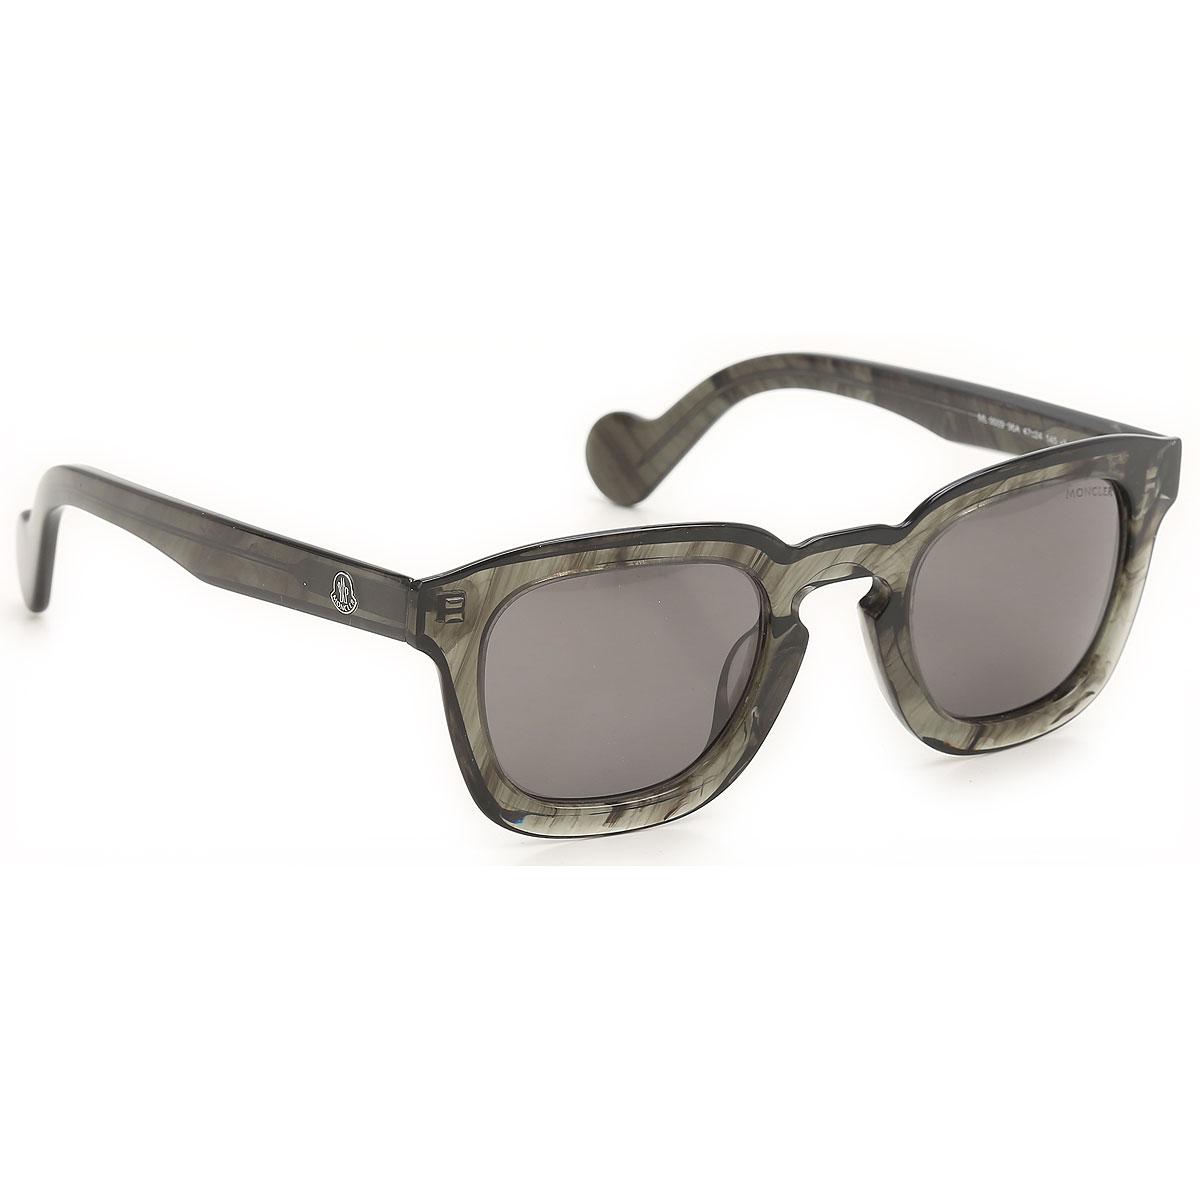 lunettes de soleil moncler code produit ml0009 96a. Black Bedroom Furniture Sets. Home Design Ideas